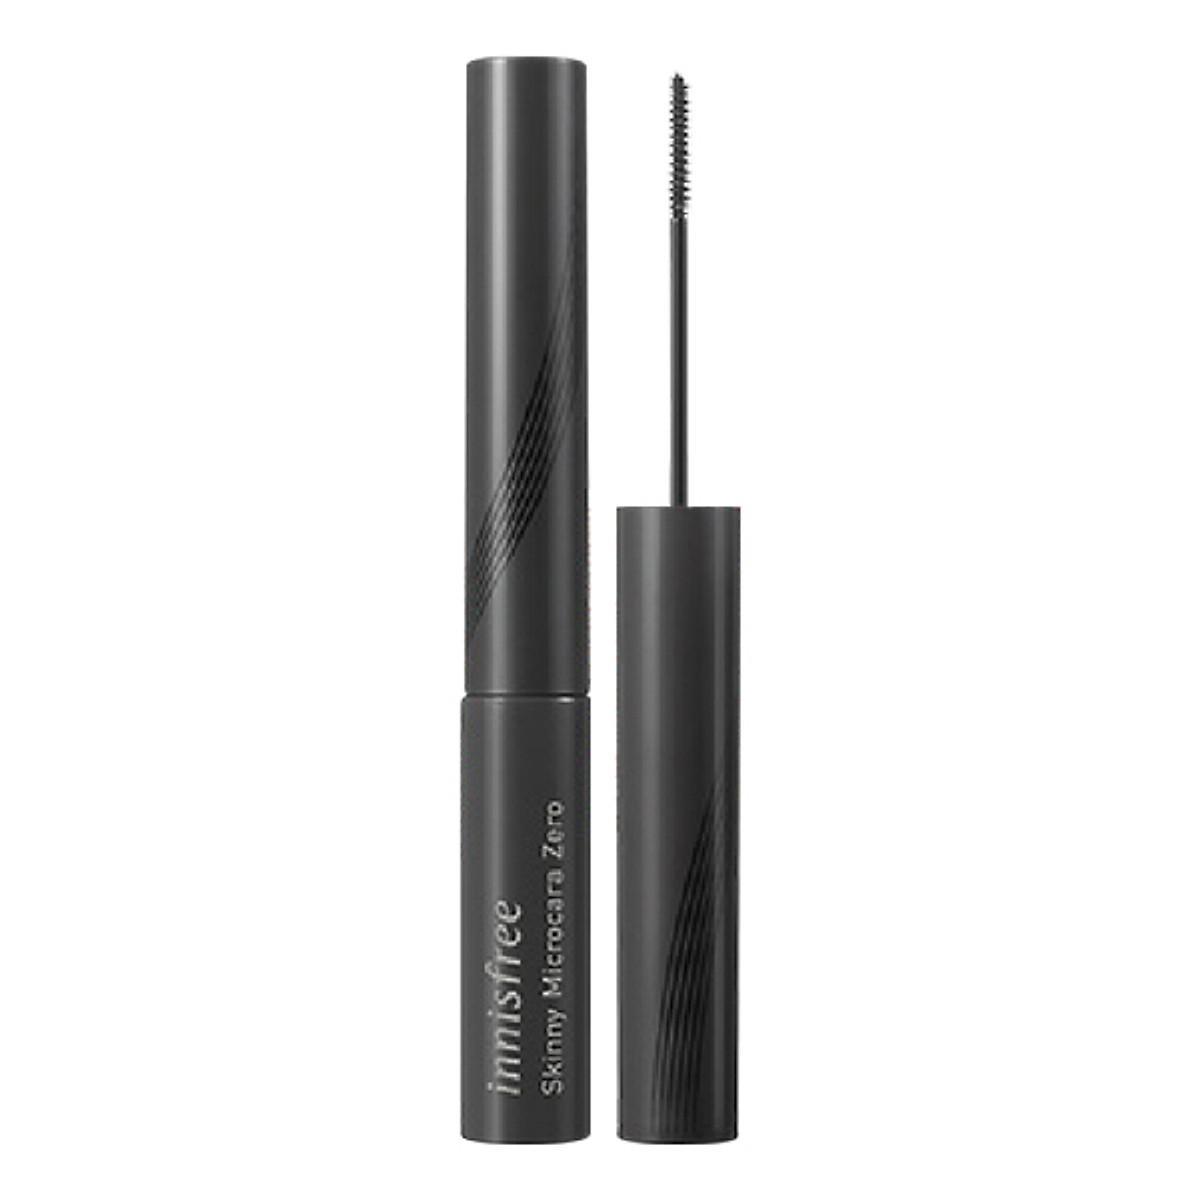 Đánh giá chi tiết Mascara Chải Mi Siêu Mảnh Chống Trôi Innisfree Skinny Microcara Zero